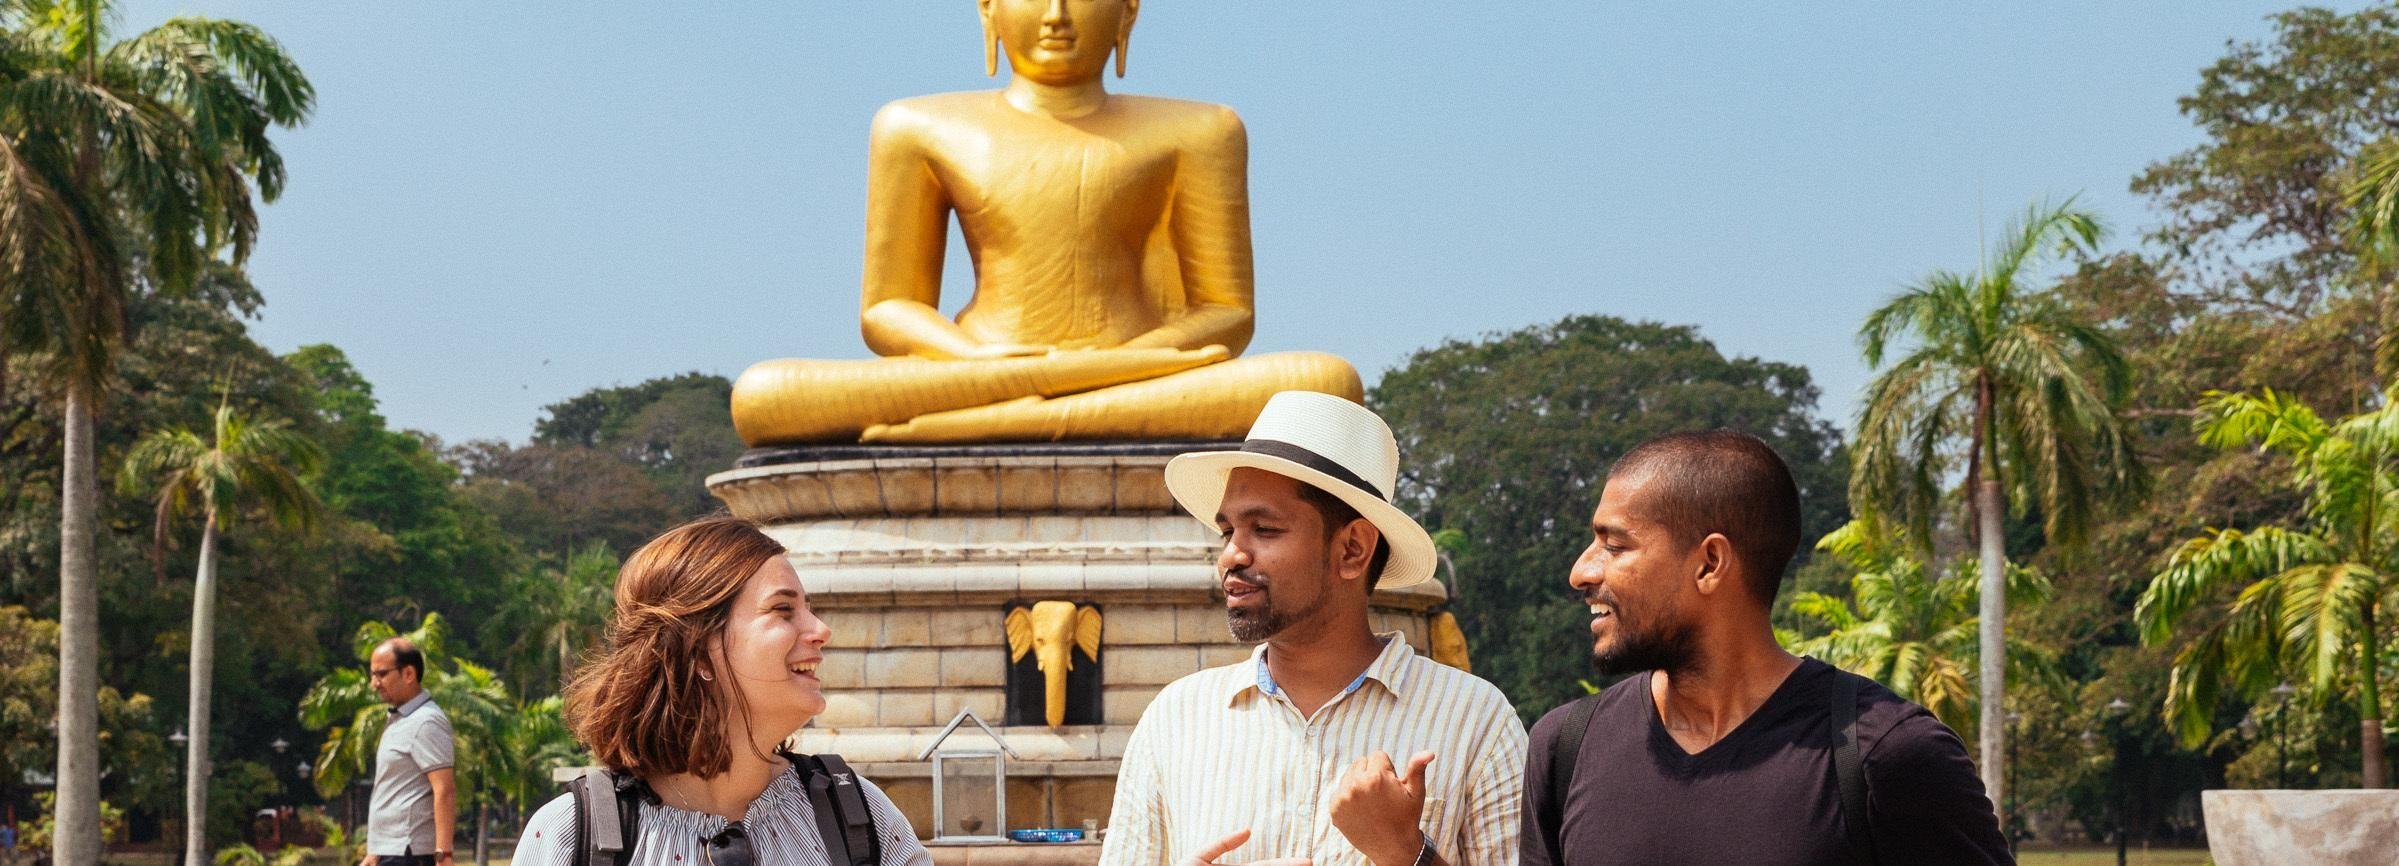 Коломбо: частный тур по главным местам и скрытым жемчужинам